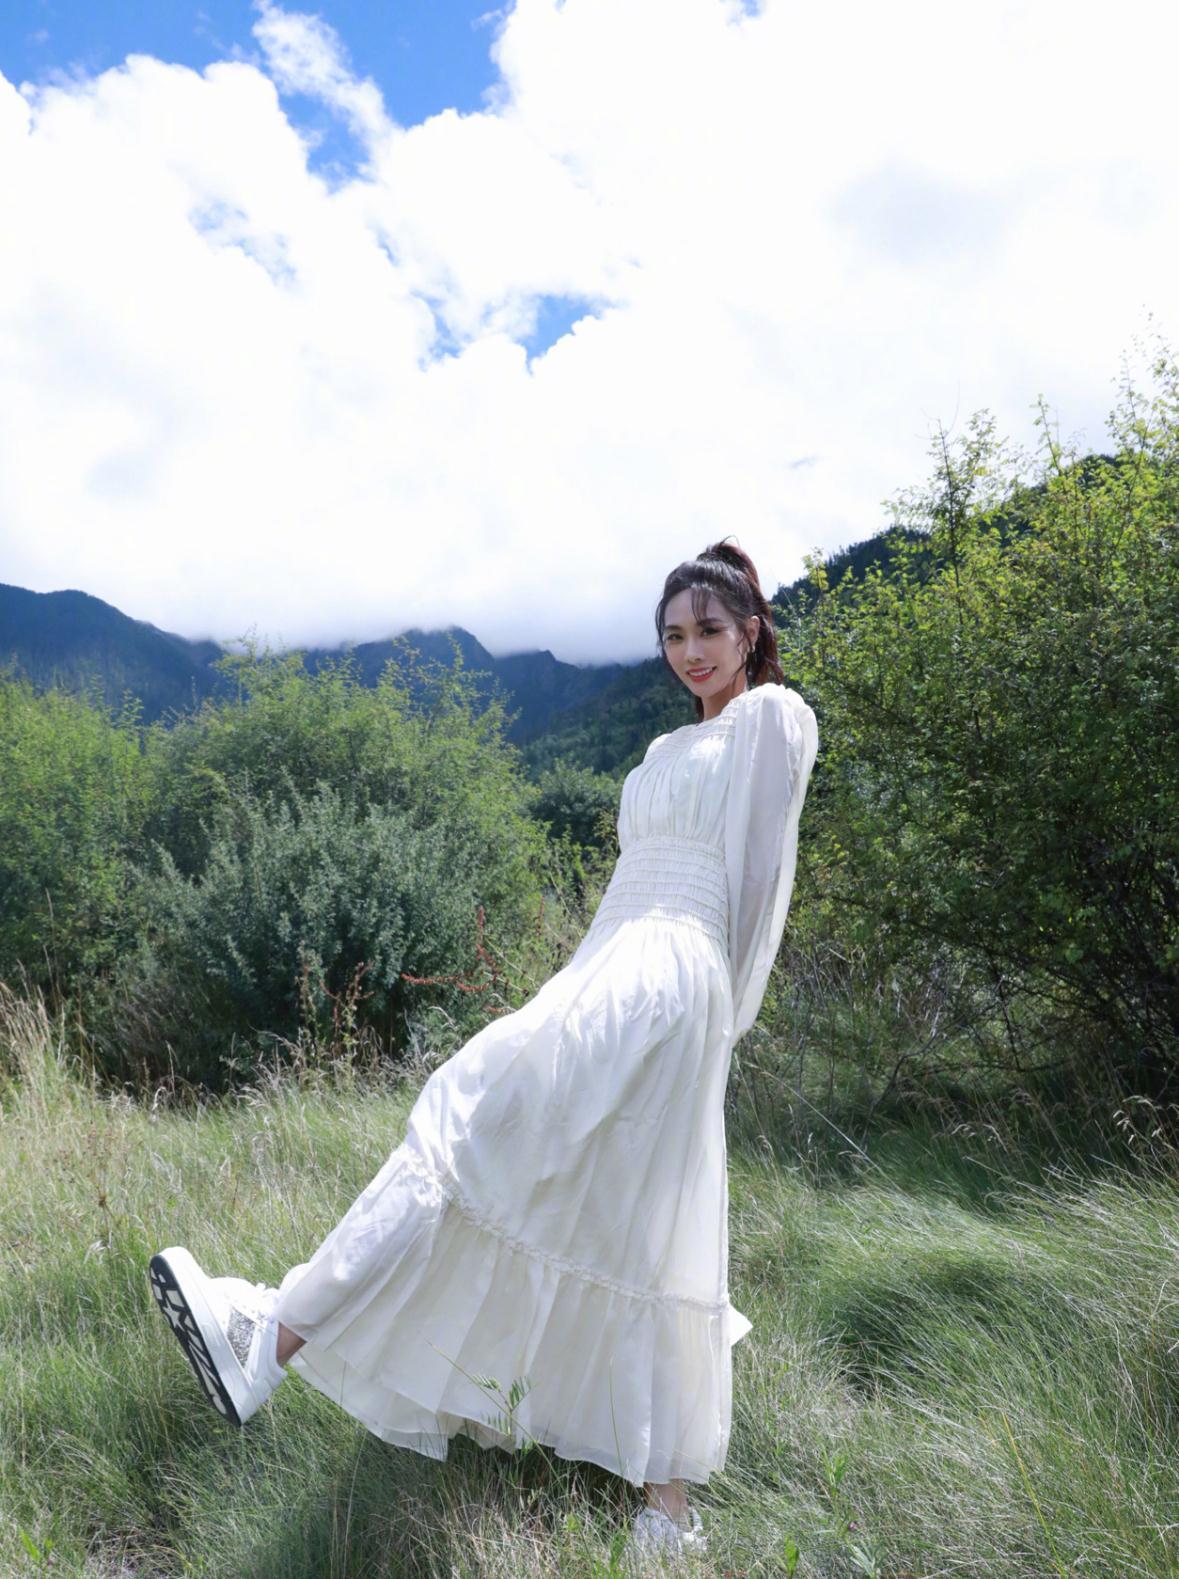 王霏霏衣品很在线,身穿白色连衣裙配高马尾,既舒适又不乏时尚感